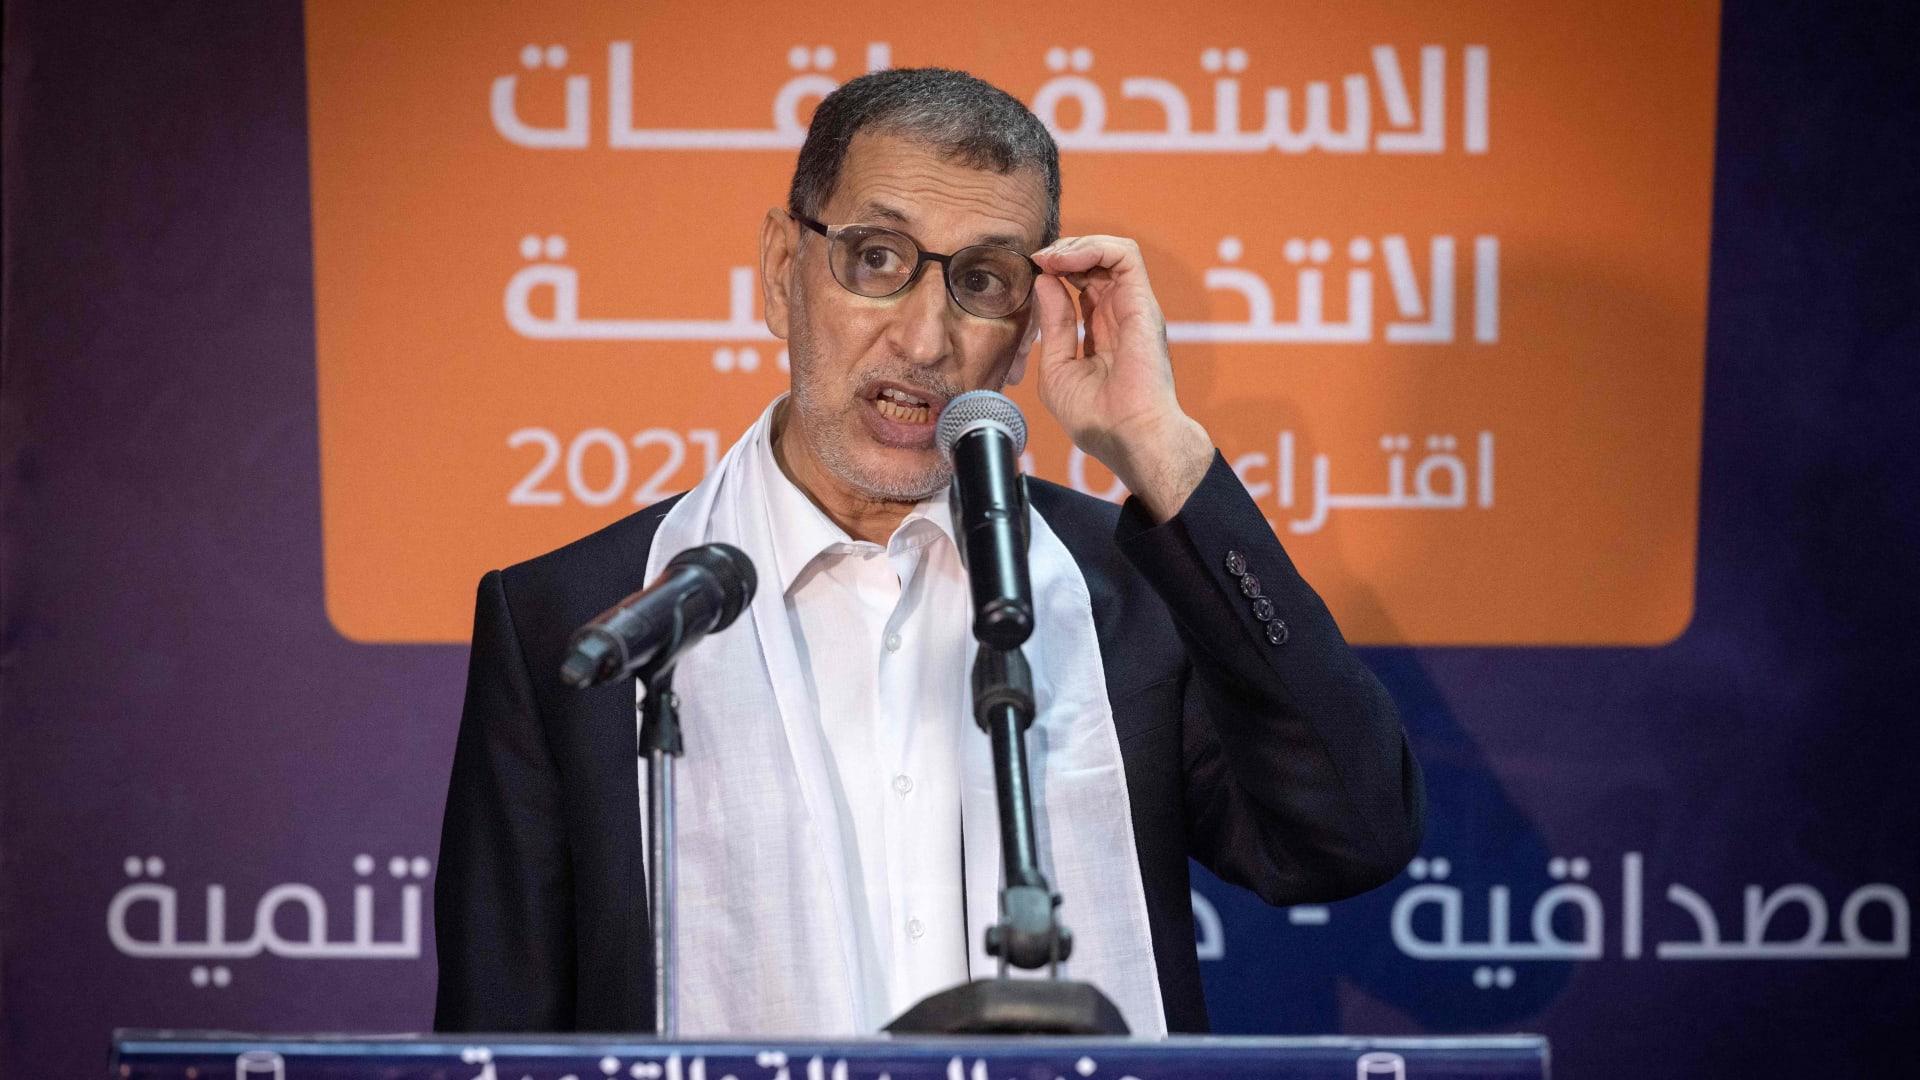 سعد الدين العثماني رئيس الوزراء المغربي السابق ورئيس حزب العدالة والتنمية الإسلامي